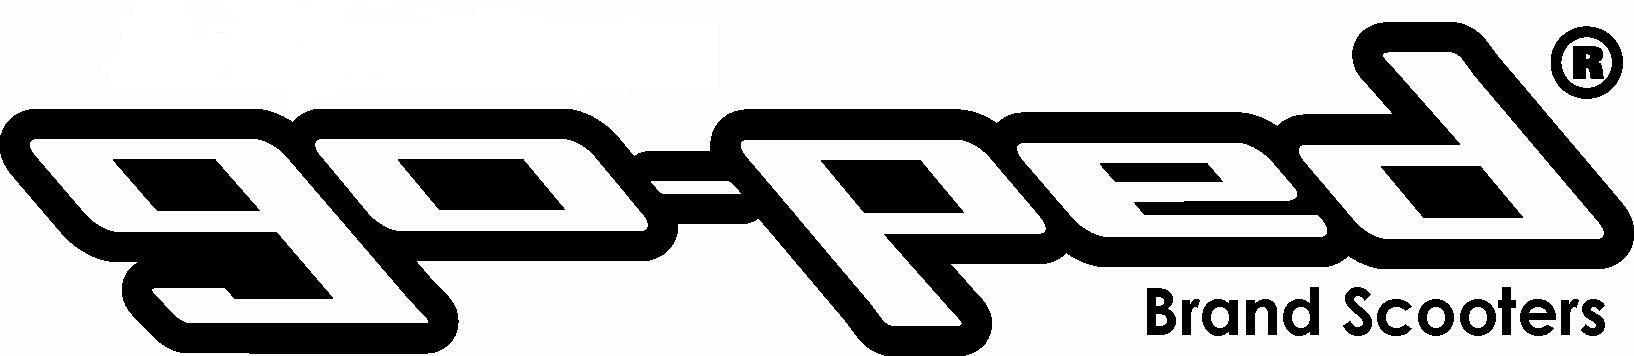 goped-logo-official-v1.jpg